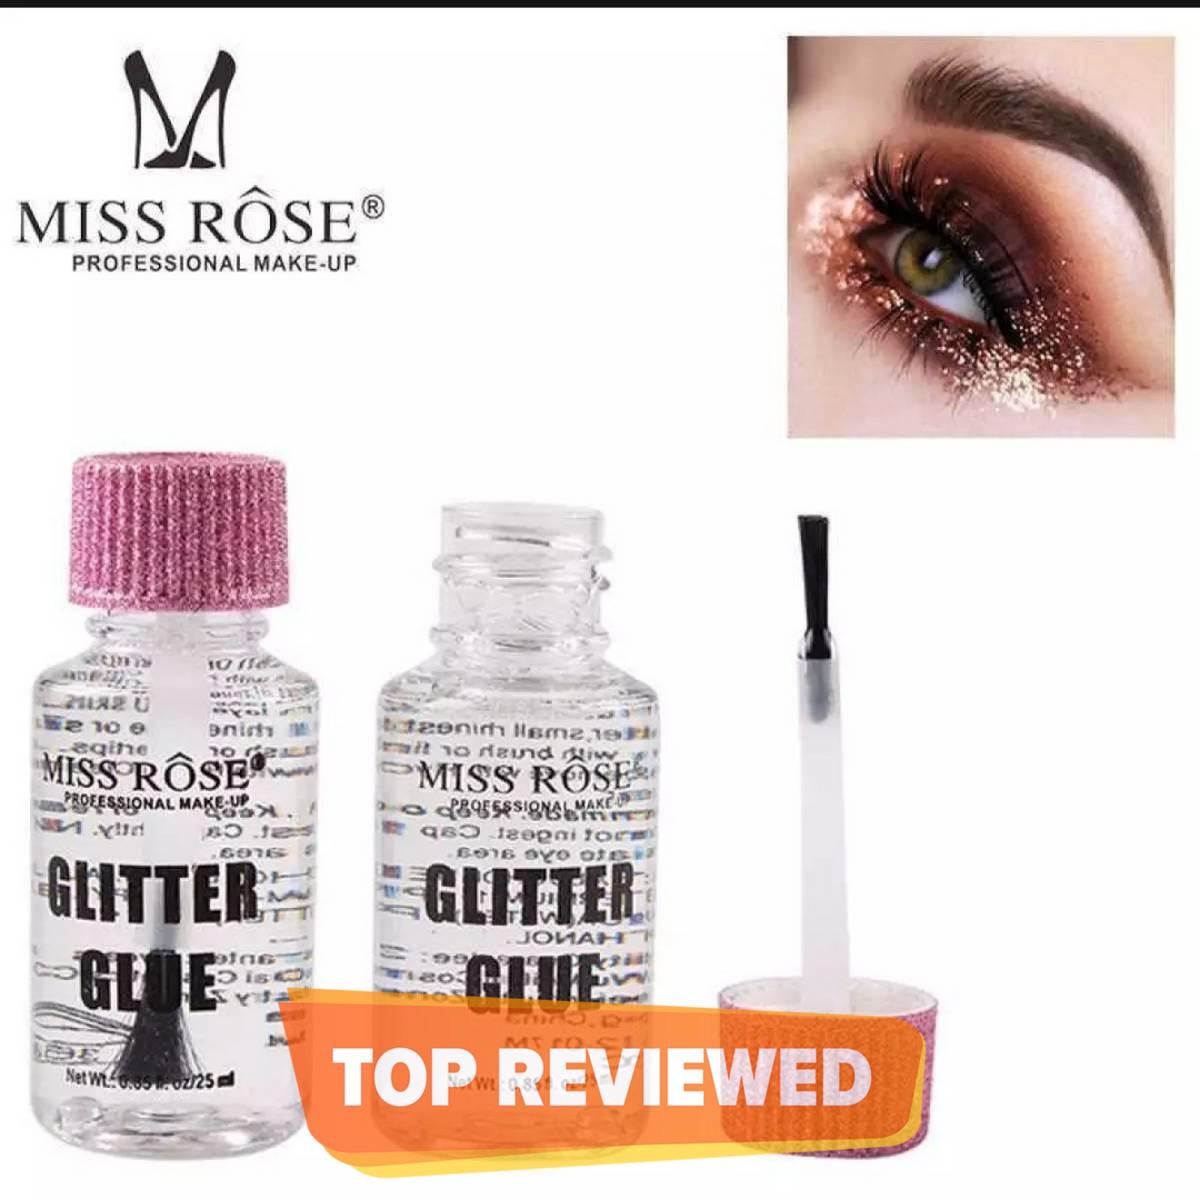 Miss Rose Original Glitter Glue